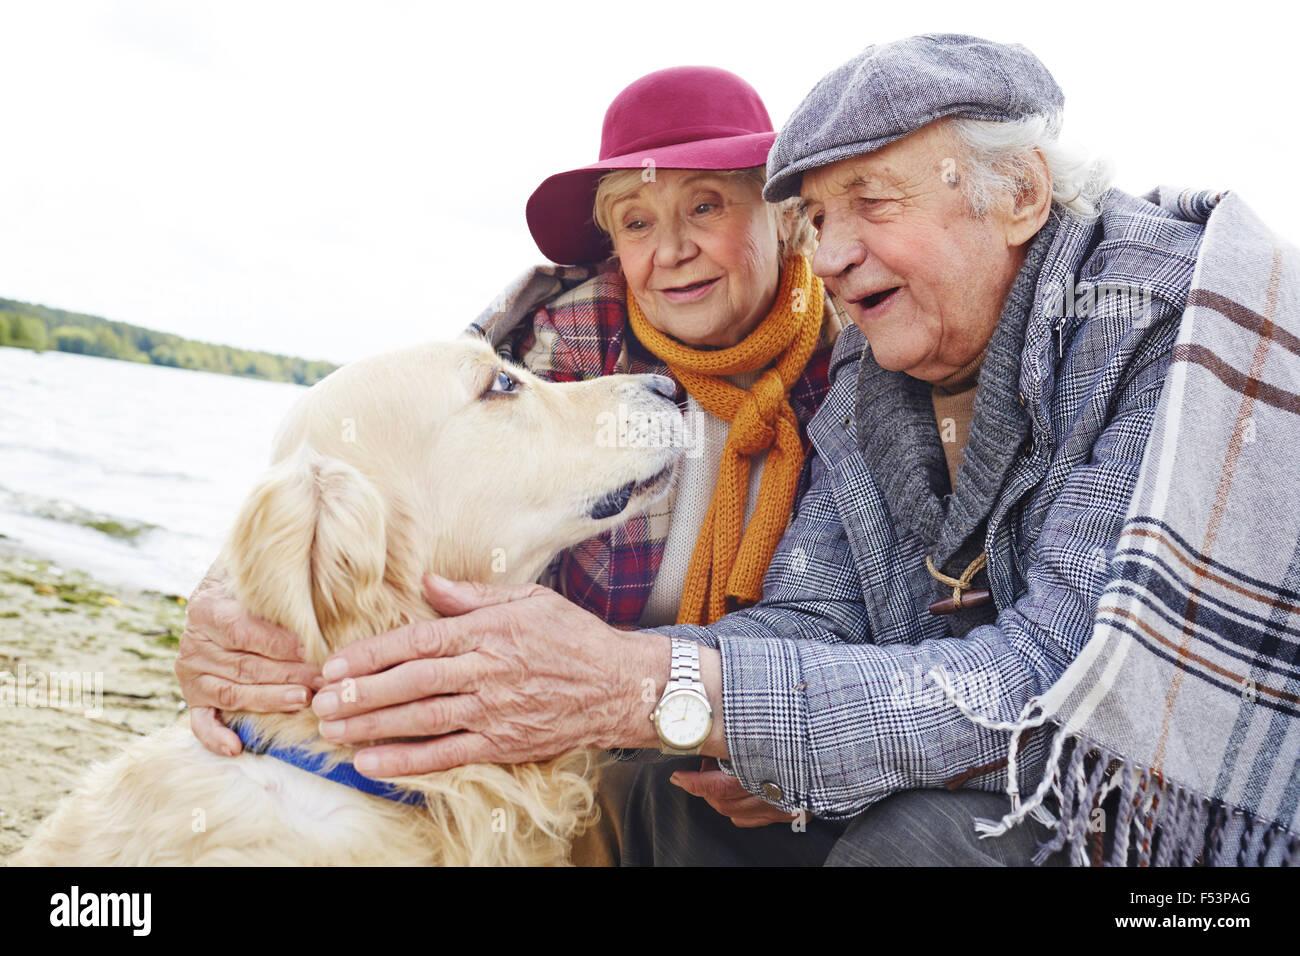 Los ancianos mirando retriever con orgullo y amor Imagen De Stock